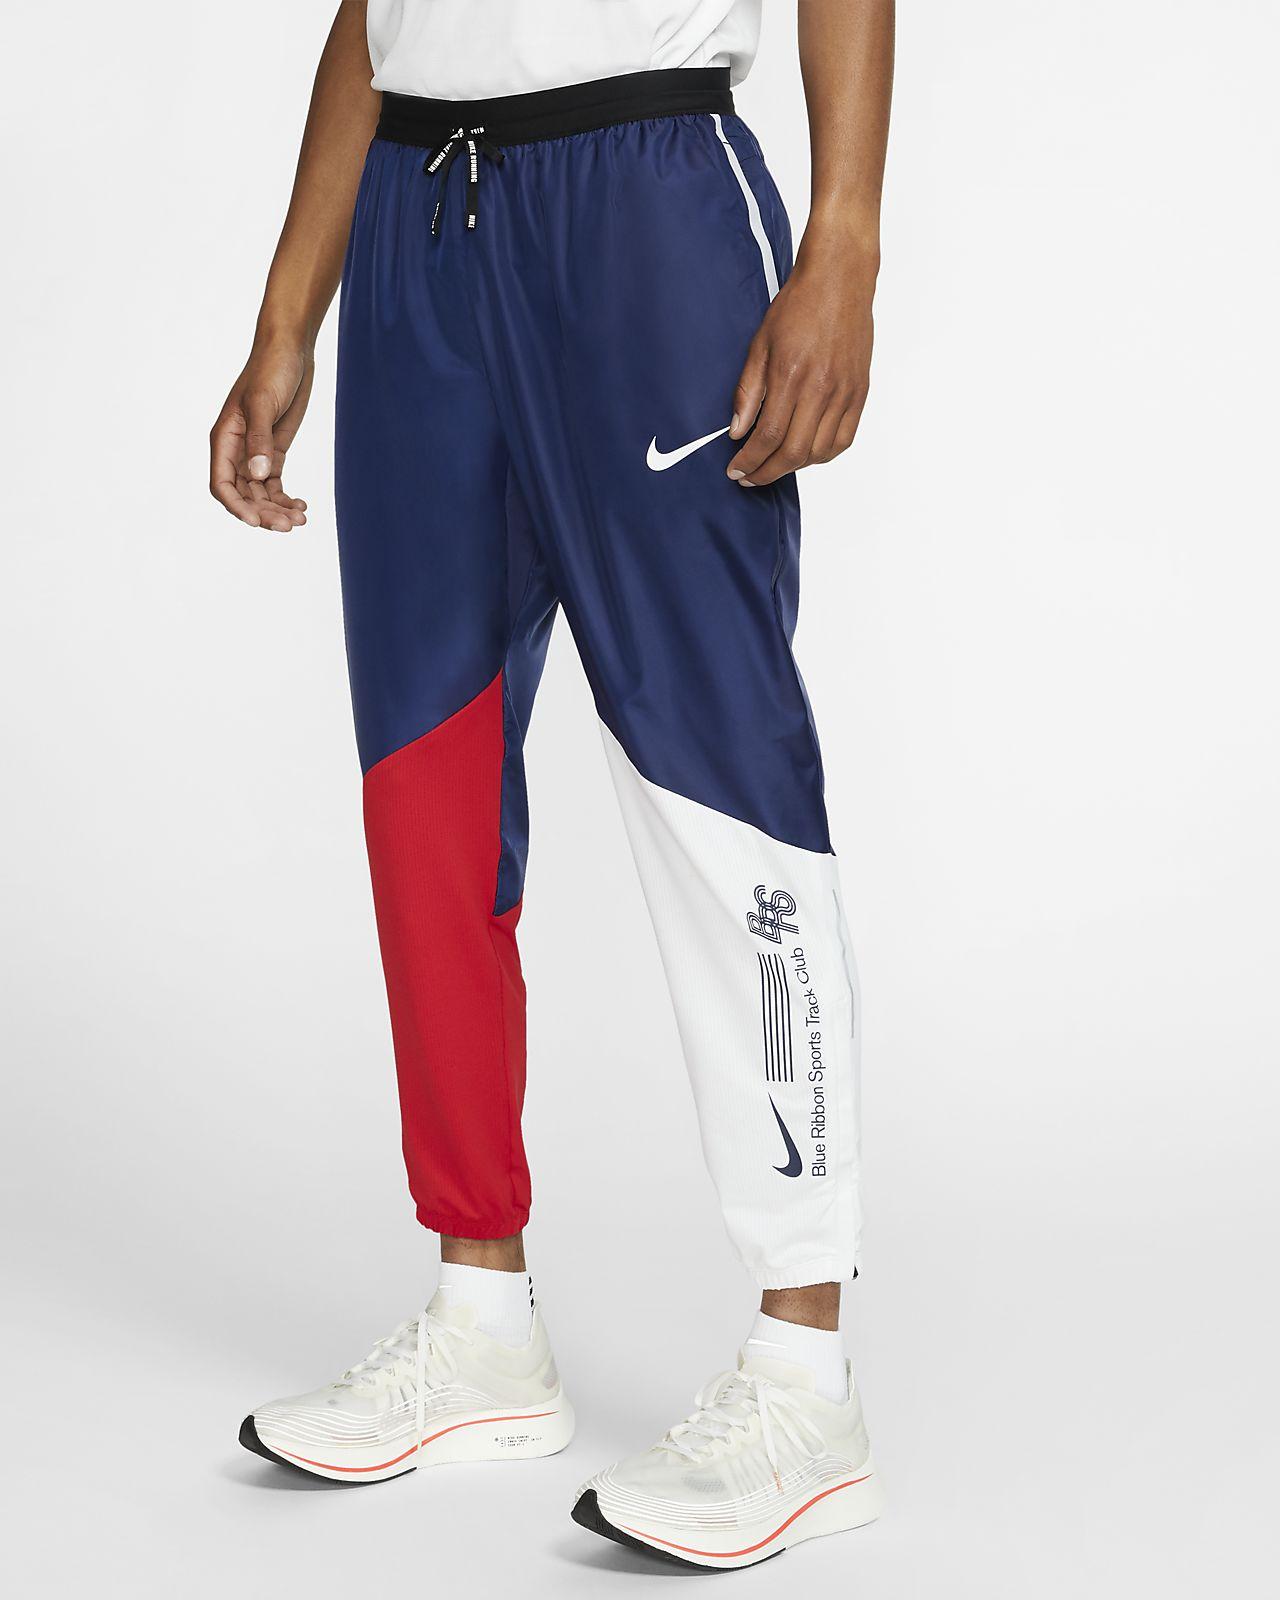 Nike BRS melegítőnadrág futáshoz